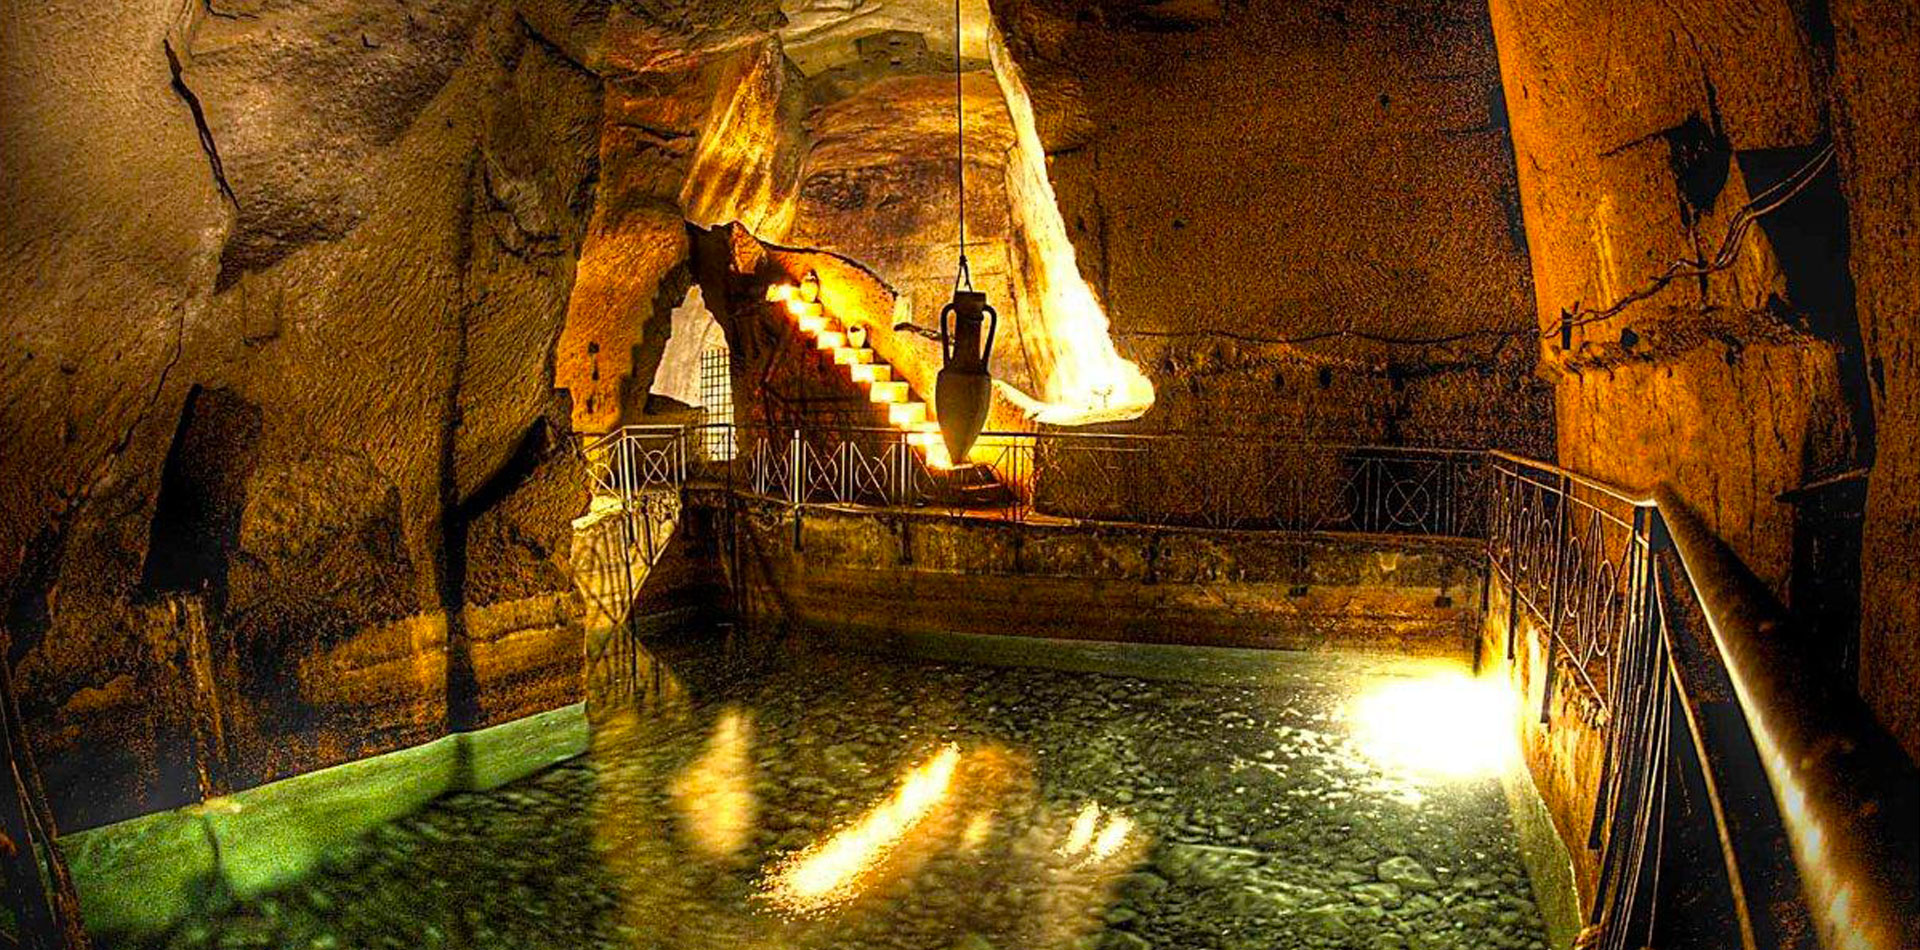 09:50 - Visit Underground Ruins